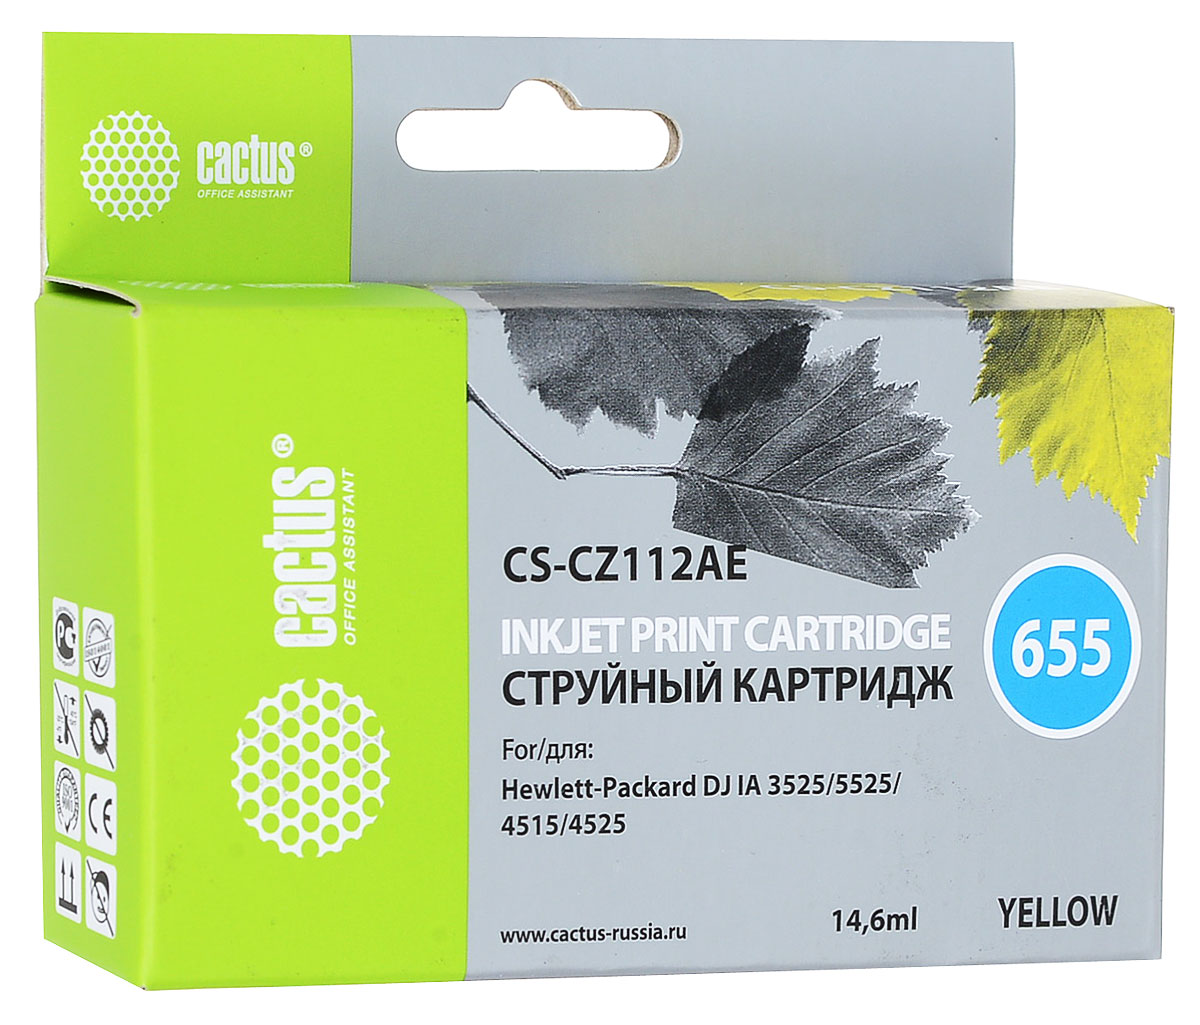 Cactus CS-CZ112AE, Yellow струйный картридж для принтеров HP DJ IA 3525/5525/4515/4525CS-CZ112AEКартридж Cactus CS-CZ112AE для струйных принтеров HP.Расходные материалы Cactus для печати максимизируют характеристики принтера. Обеспечивают повышенную четкость изображения и плавность переходов оттенков и полутонов, позволяют отображать мельчайшие детали изображения. Обеспечивают надежное качество печати.Уважаемые клиенты! Обращаем ваше внимание на то, что упаковка может иметь несколько видов дизайна. Поставка осуществляется в зависимости от наличия на складе.